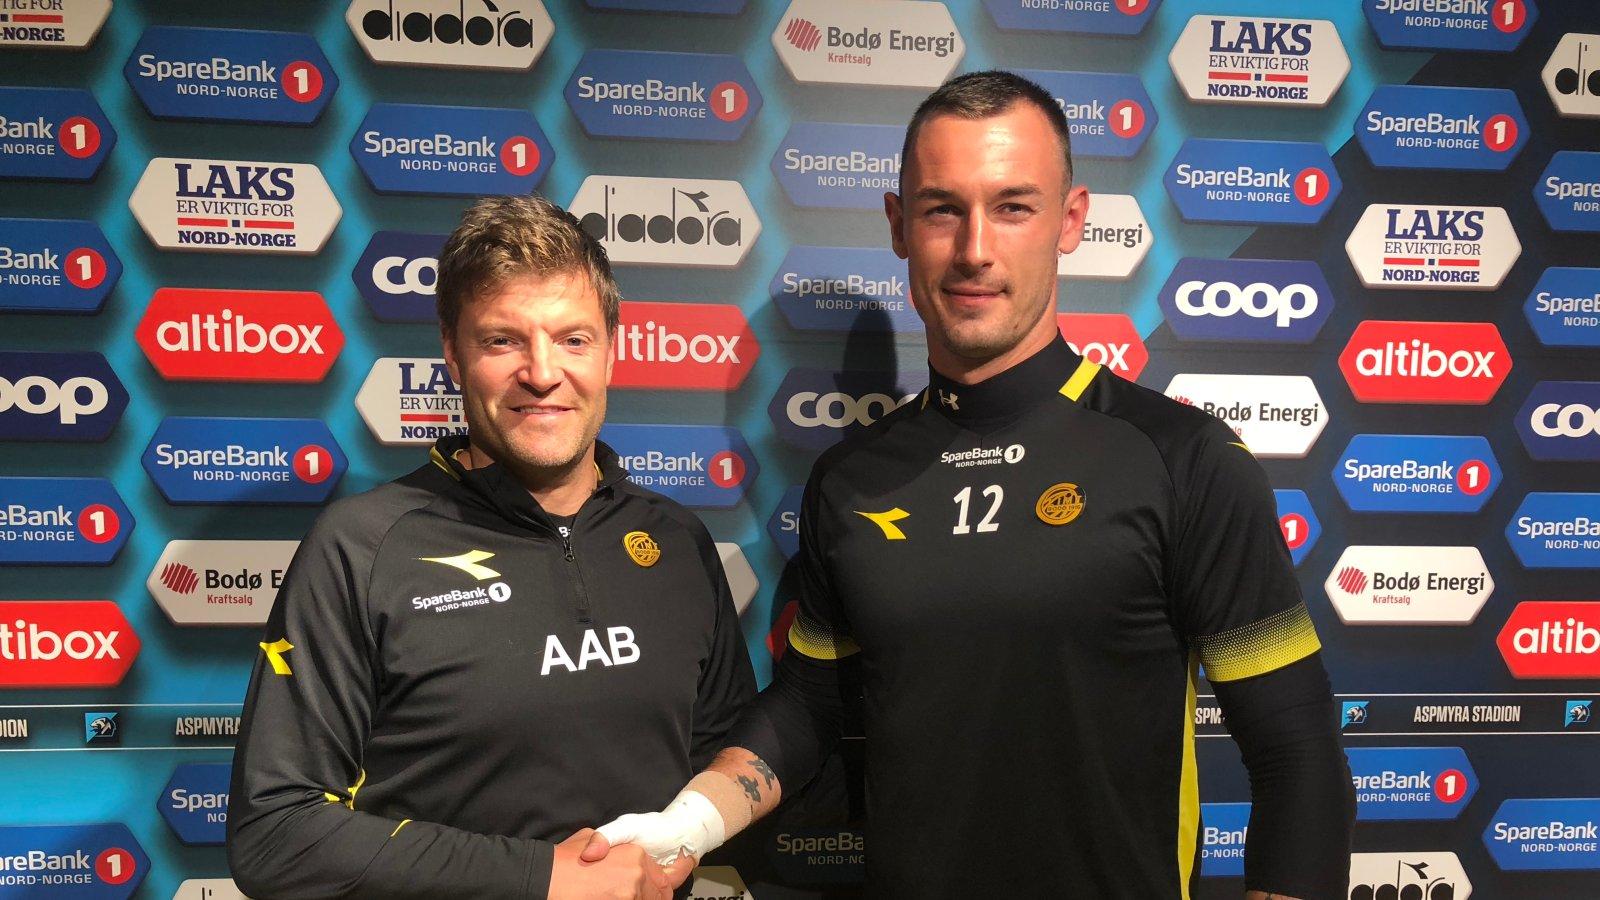 Aasmund BJørkan og Artur Krysiak etter signeringen.